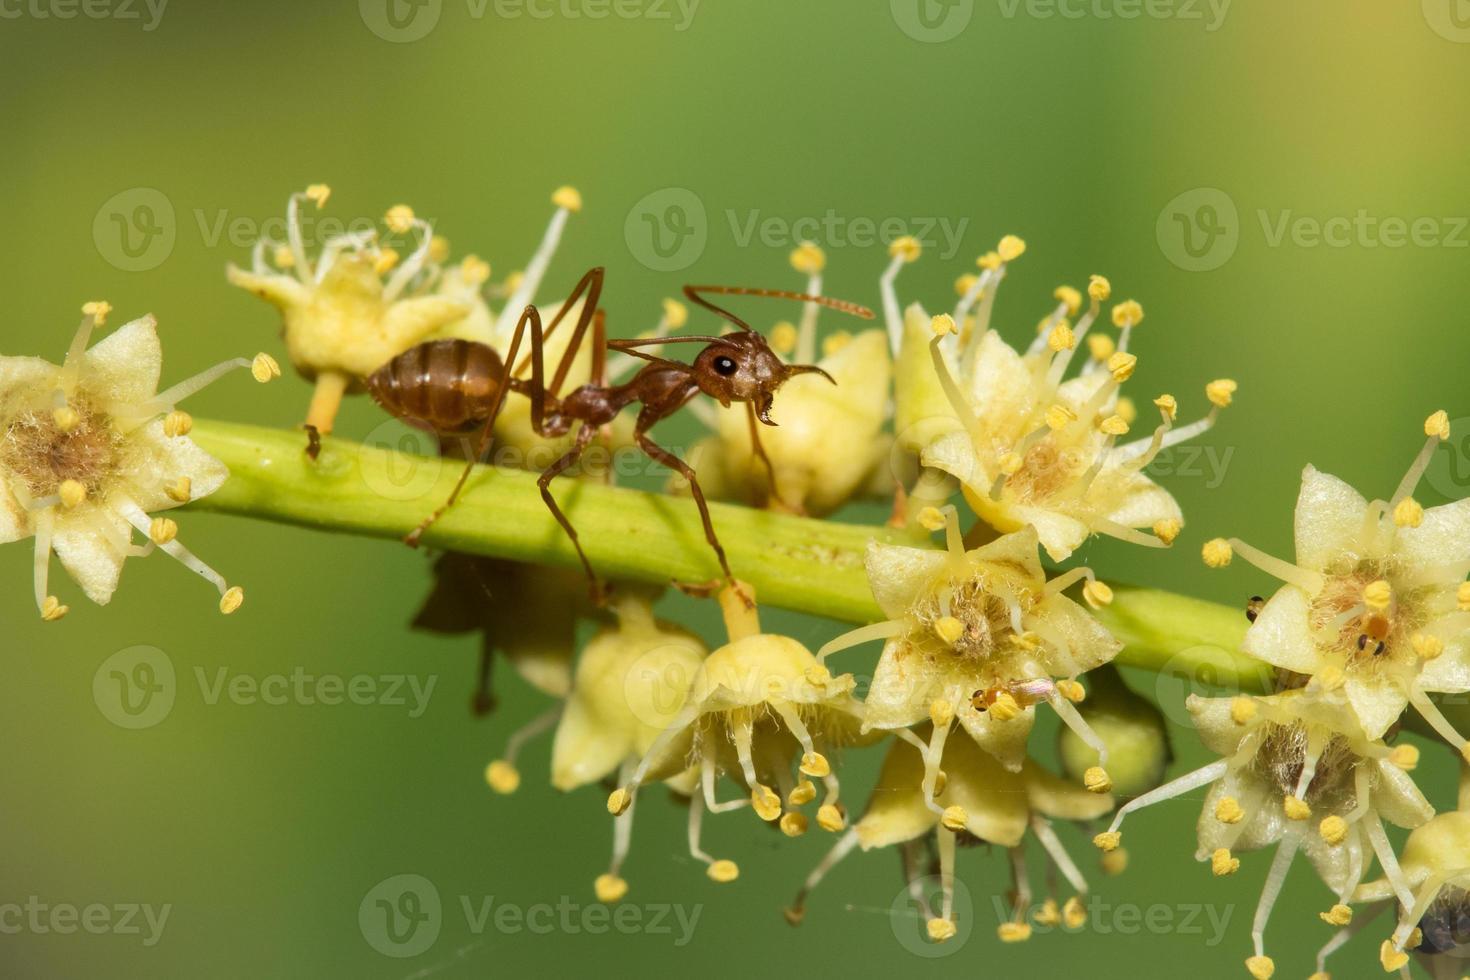 röd myra. foto